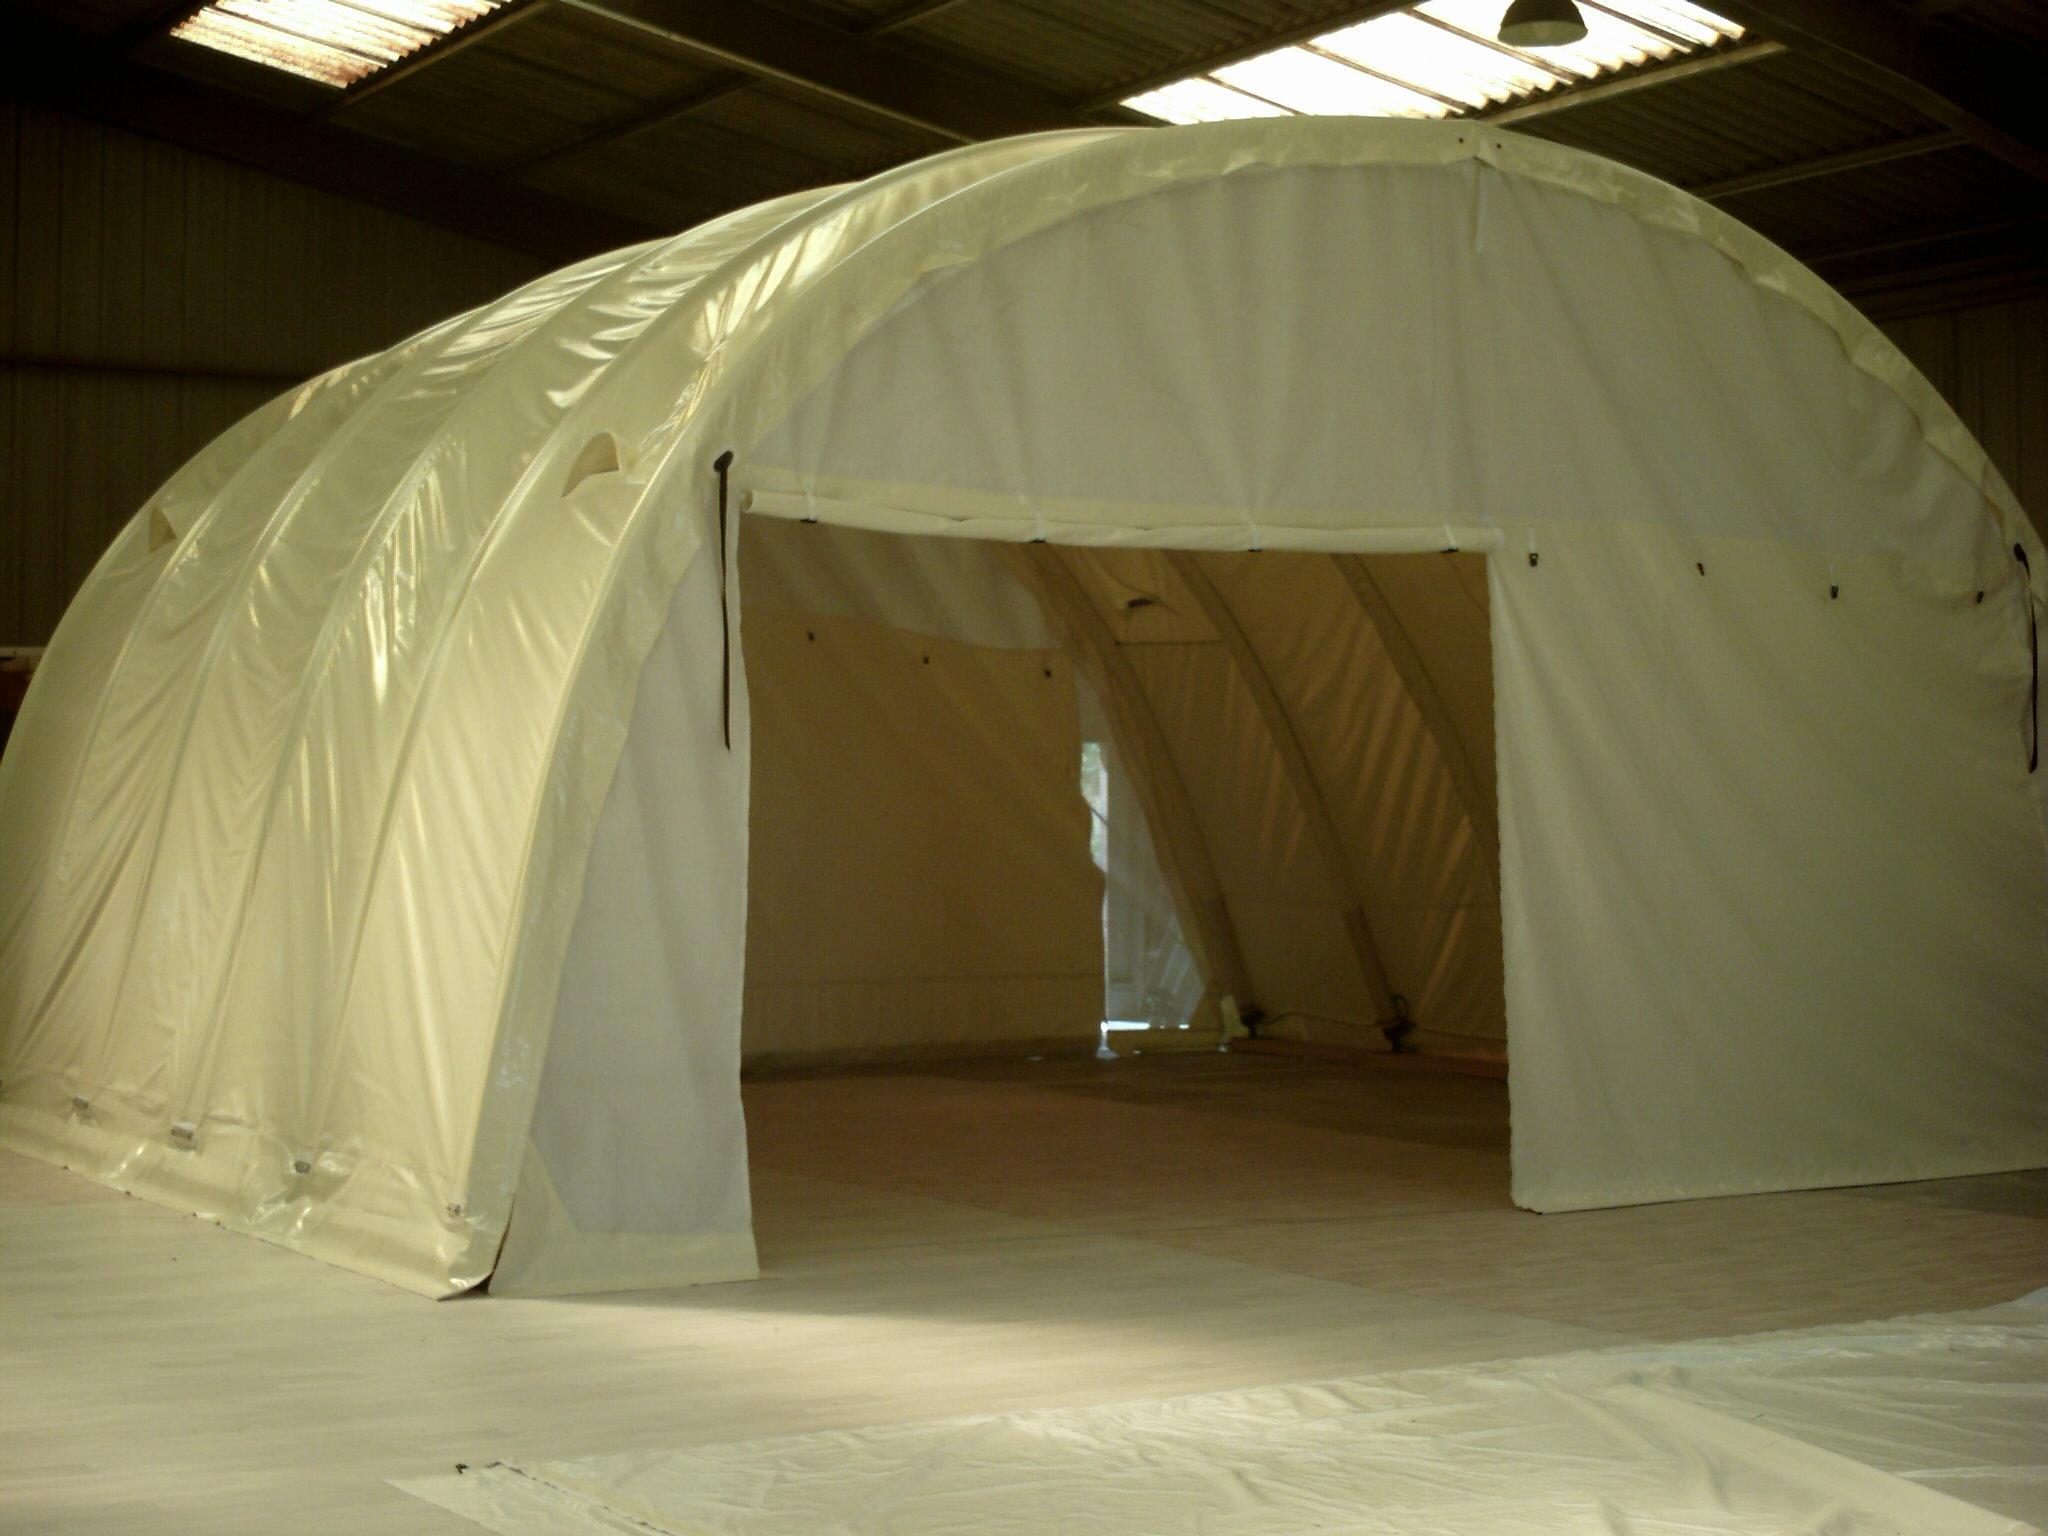 tentes standard tentes evenementielle 2wt abris de chantier tentes gonflables tentes. Black Bedroom Furniture Sets. Home Design Ideas